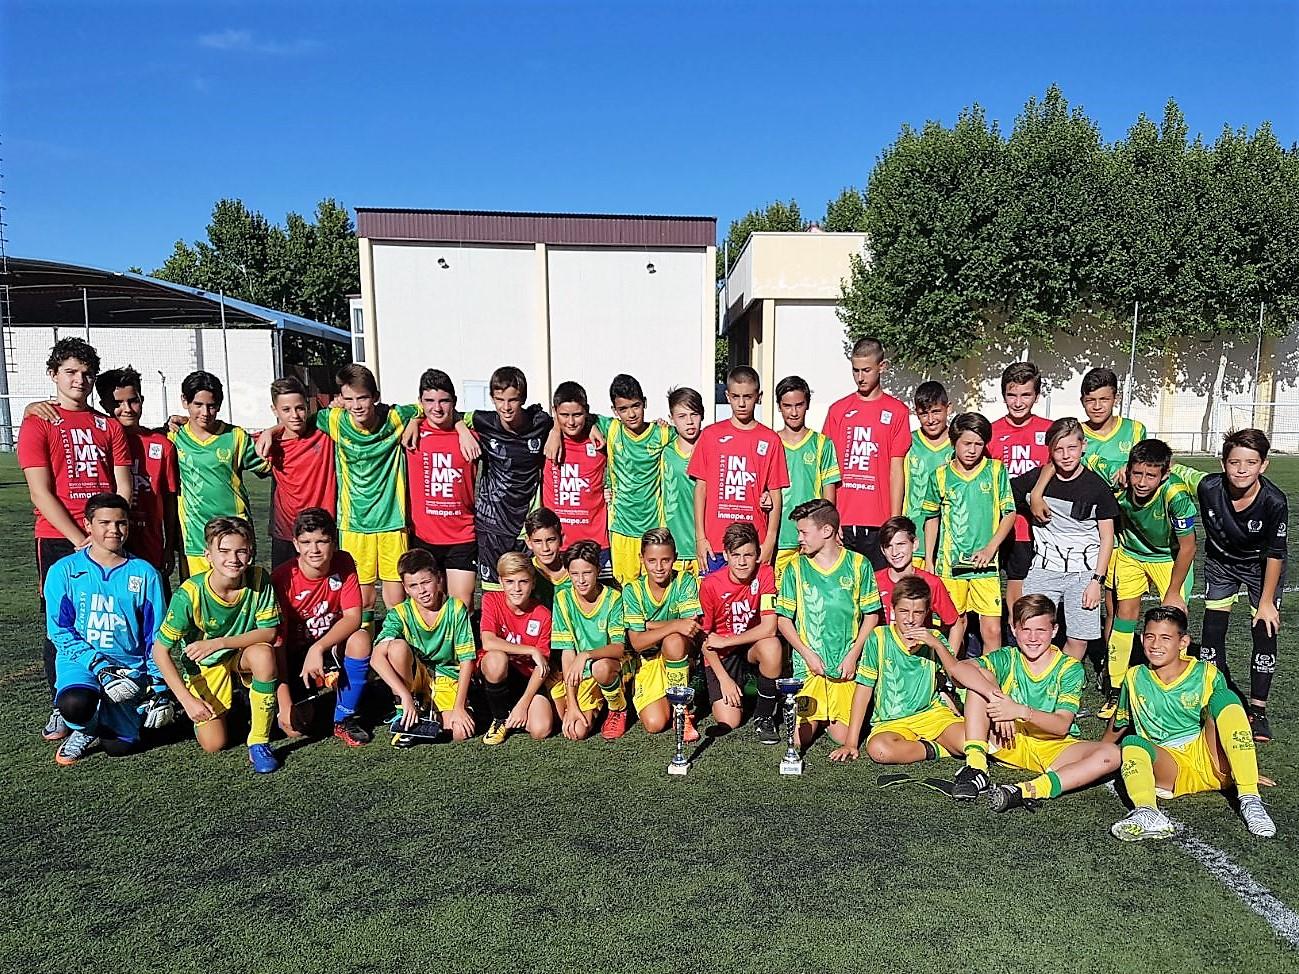 Celebración del Torneo Fútbol 11 en las categorías cadete e infantil del Atlético Velilla